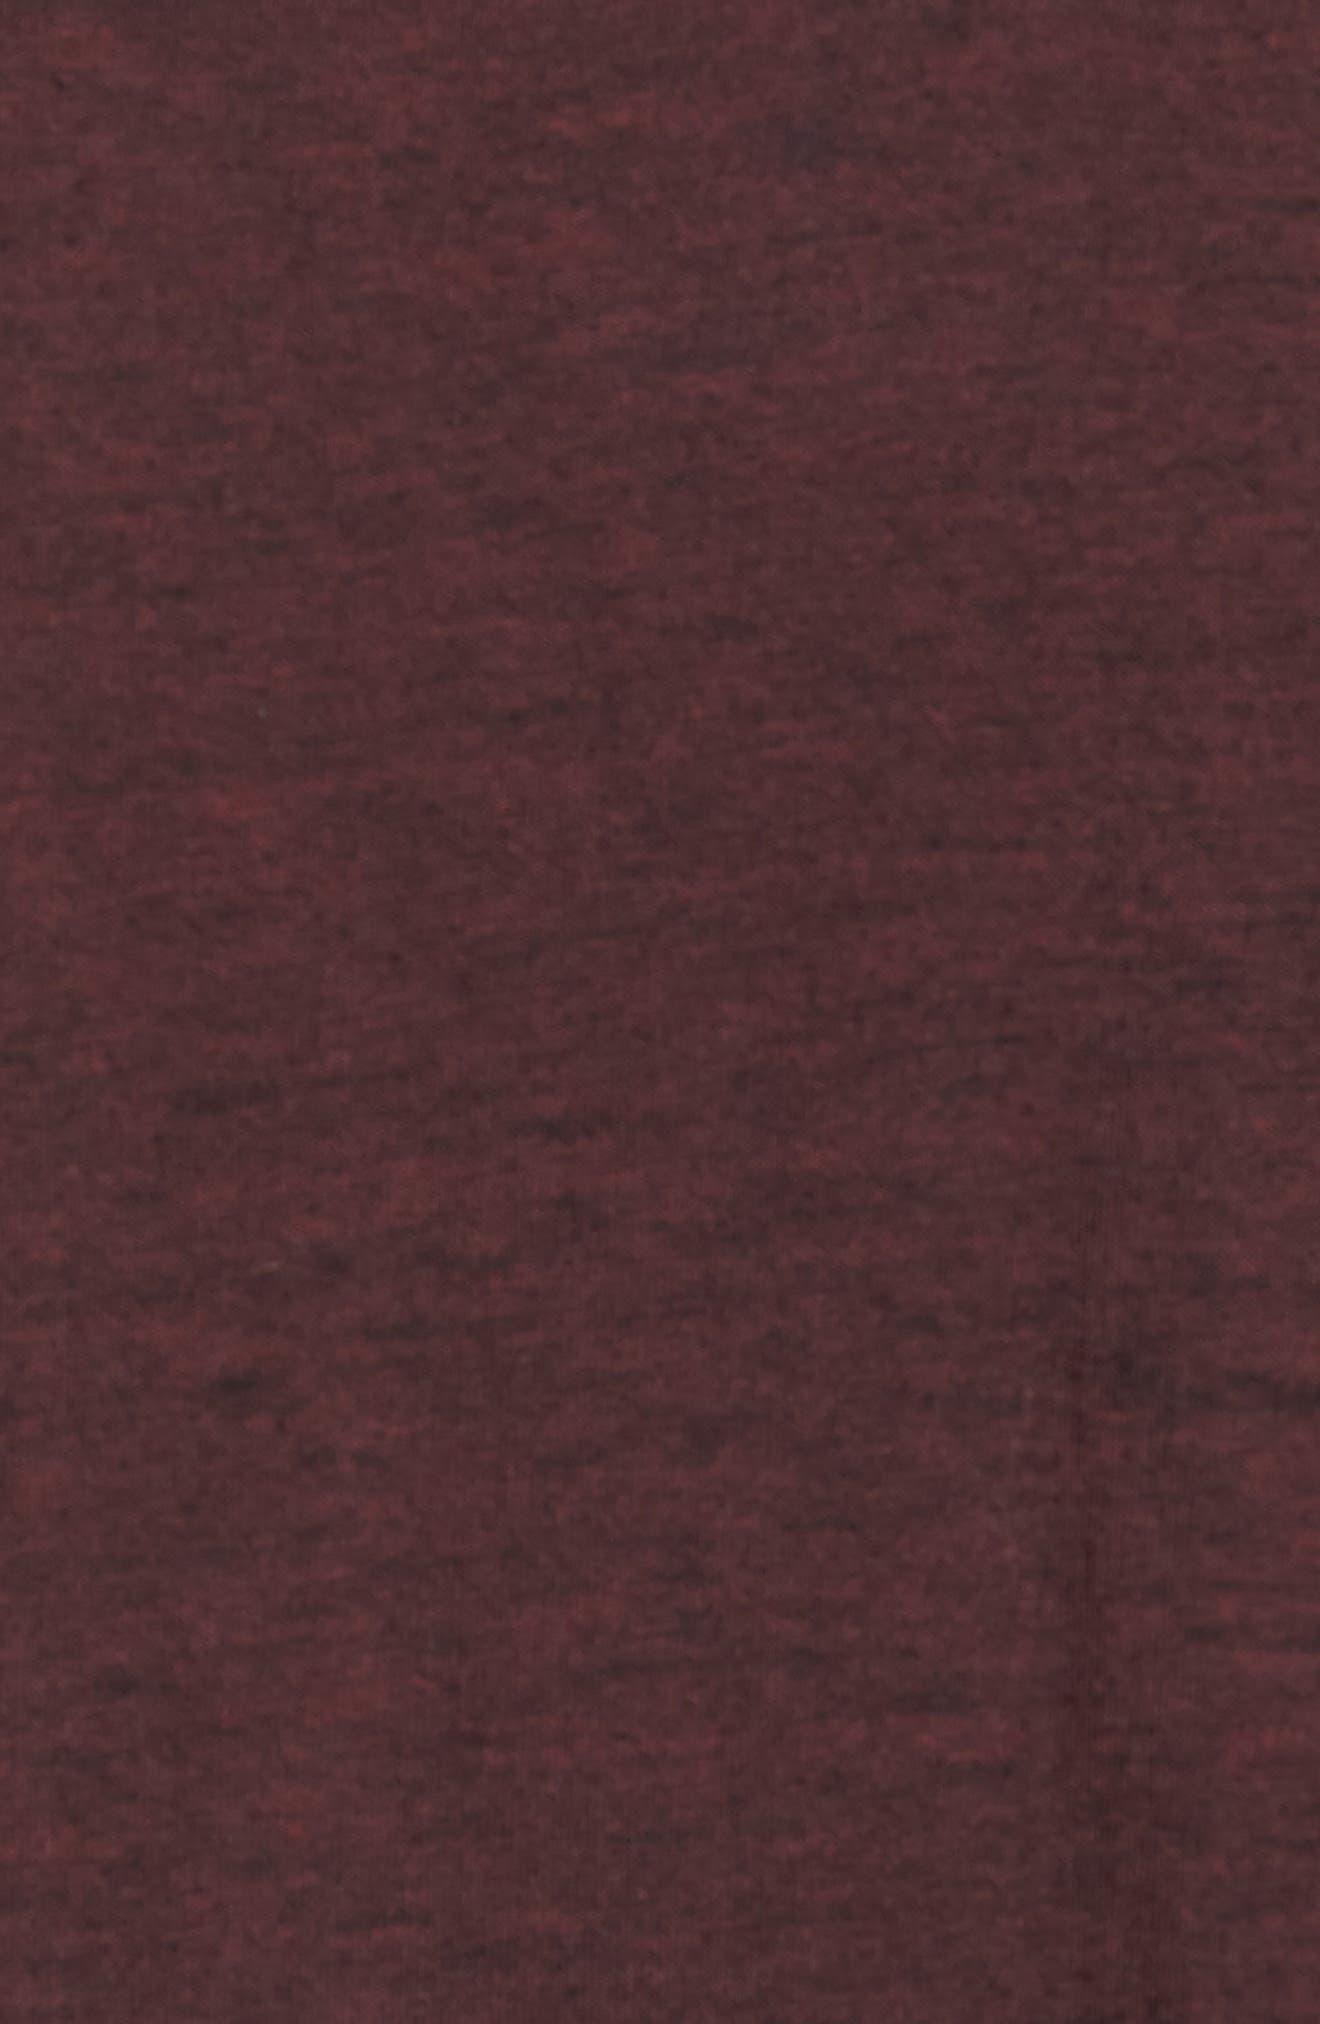 Burnout Long Sleeve T-Shirt,                             Alternate thumbnail 5, color,                             BORDEAUX